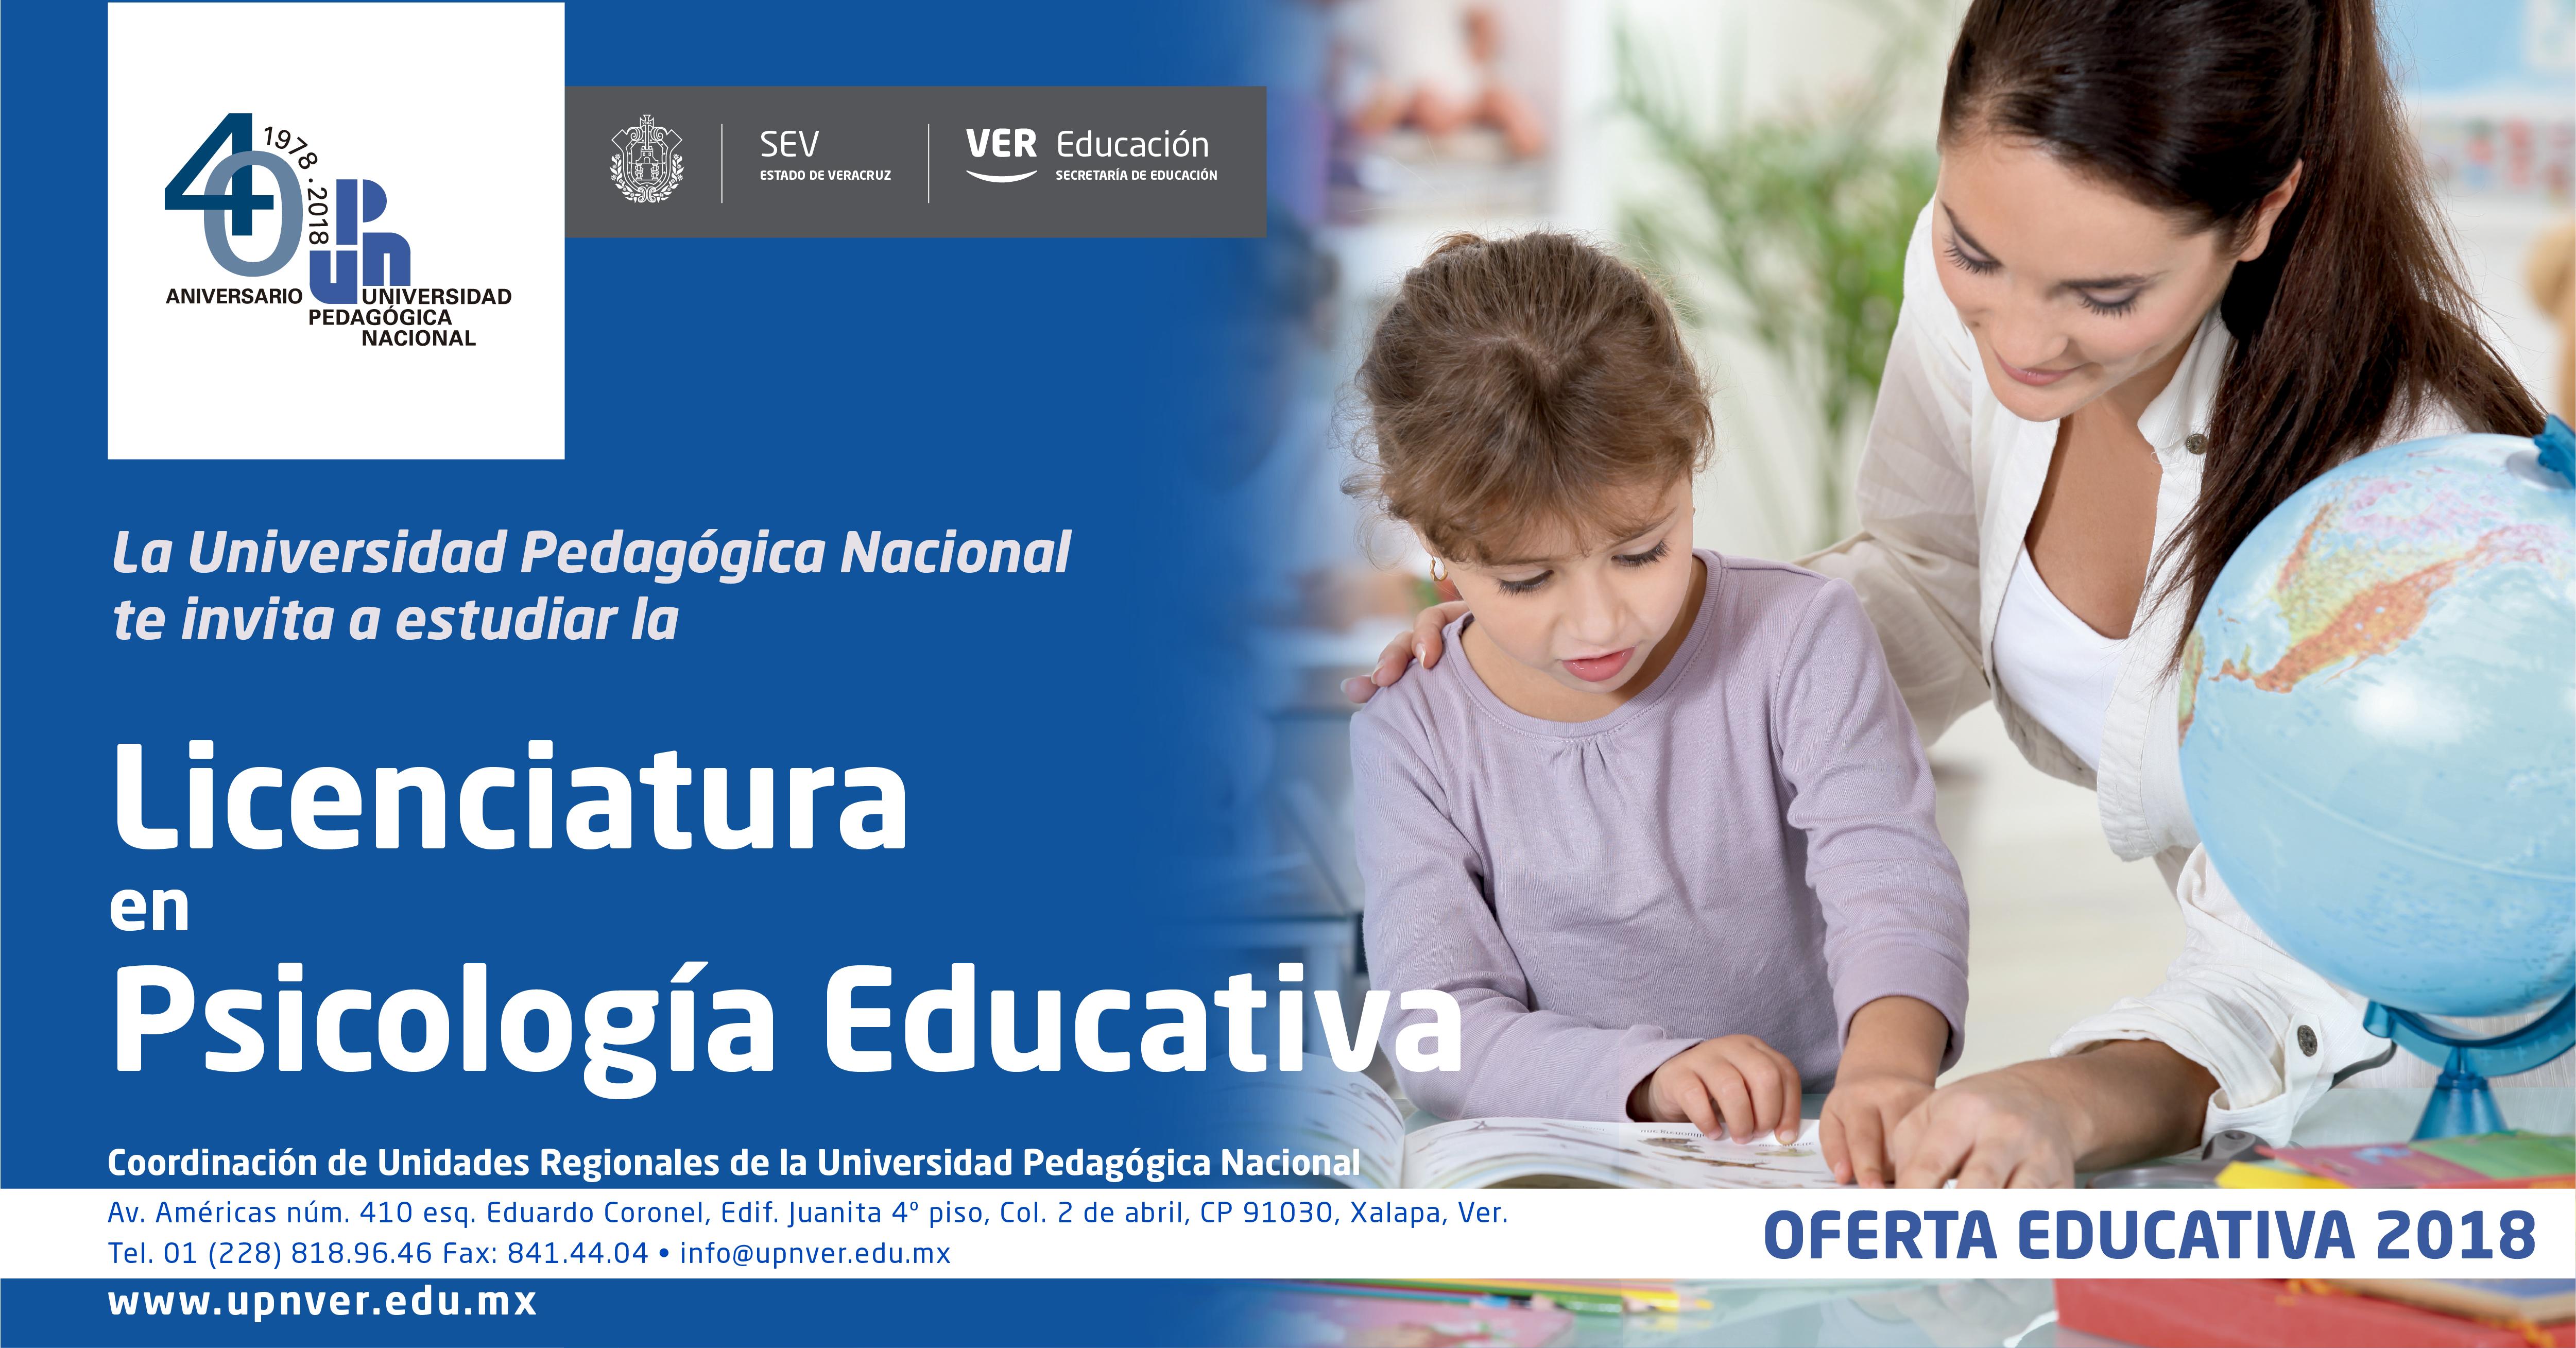 UPN_Banner_Promoción_Facebook_Psicología_Educativa